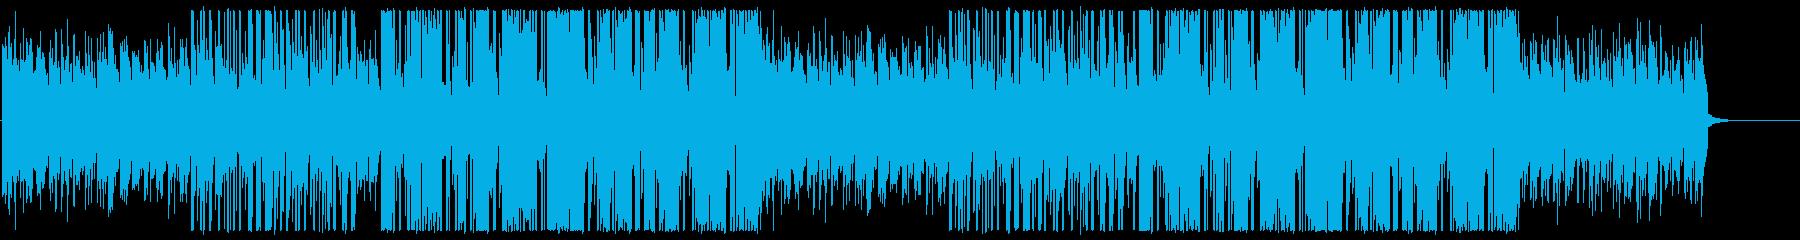 リラクシングなヒップホップの再生済みの波形